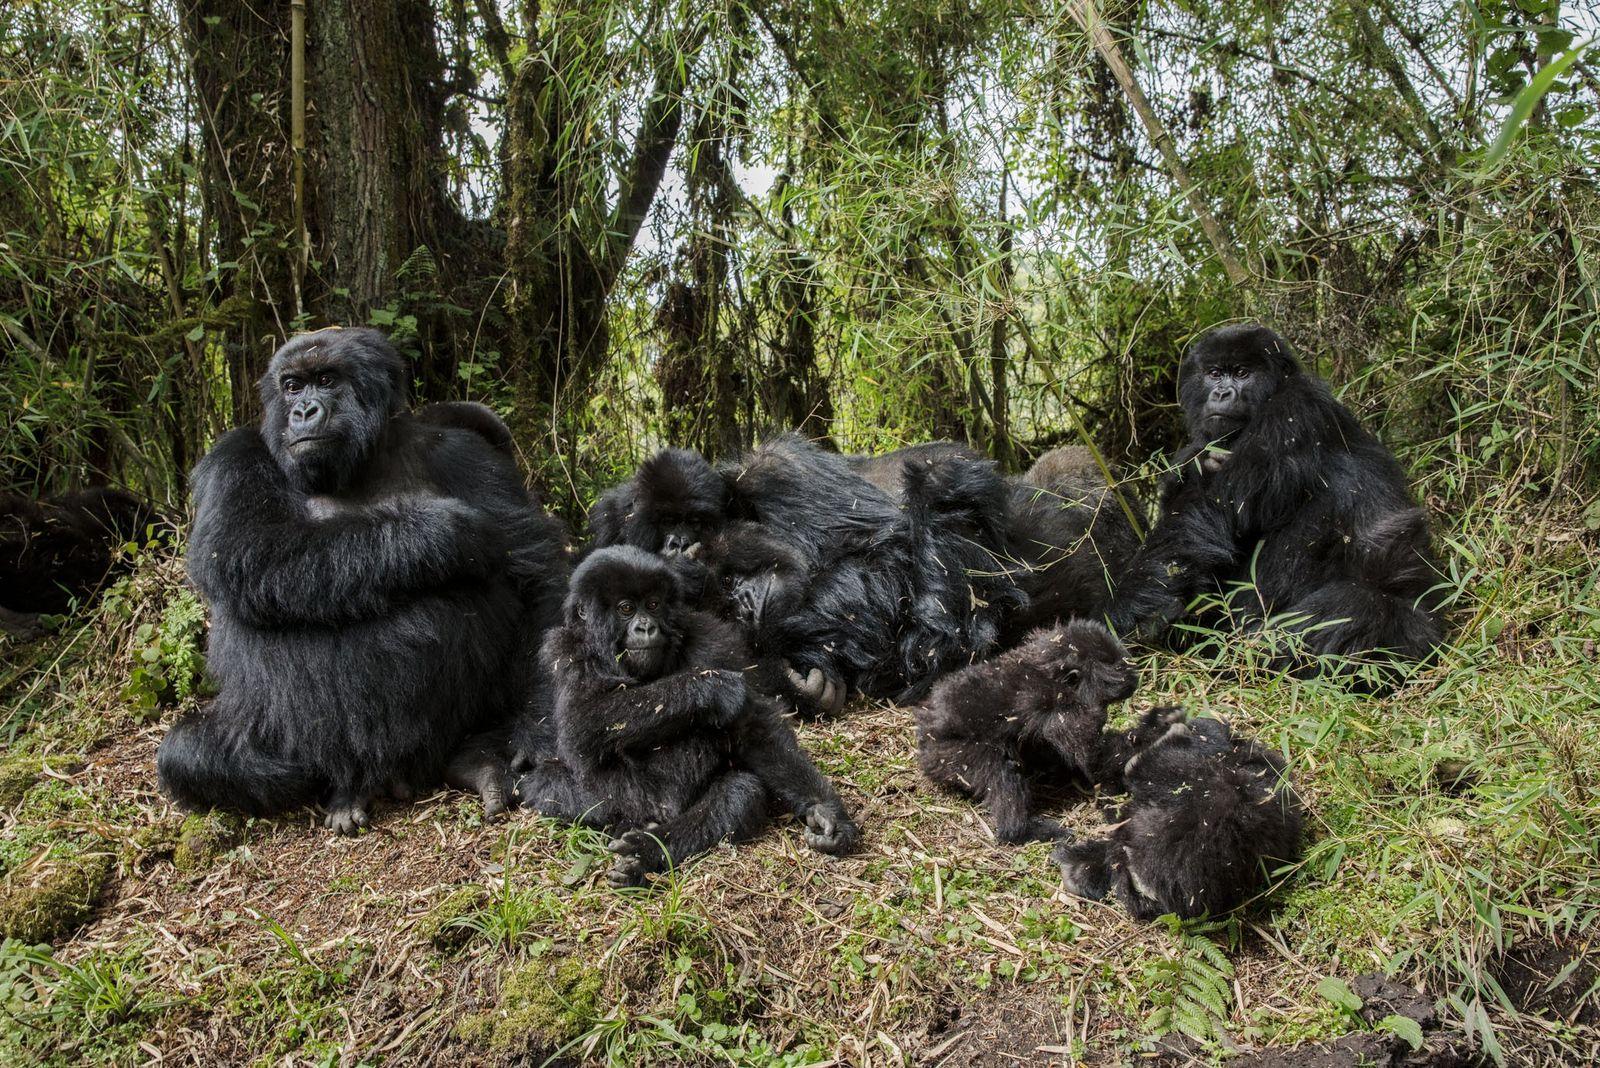 Hätte Dian Fossey die Gorillas und ihren Lebensraum nicht so erbittert verteidigt, würden diese Affen, die ...